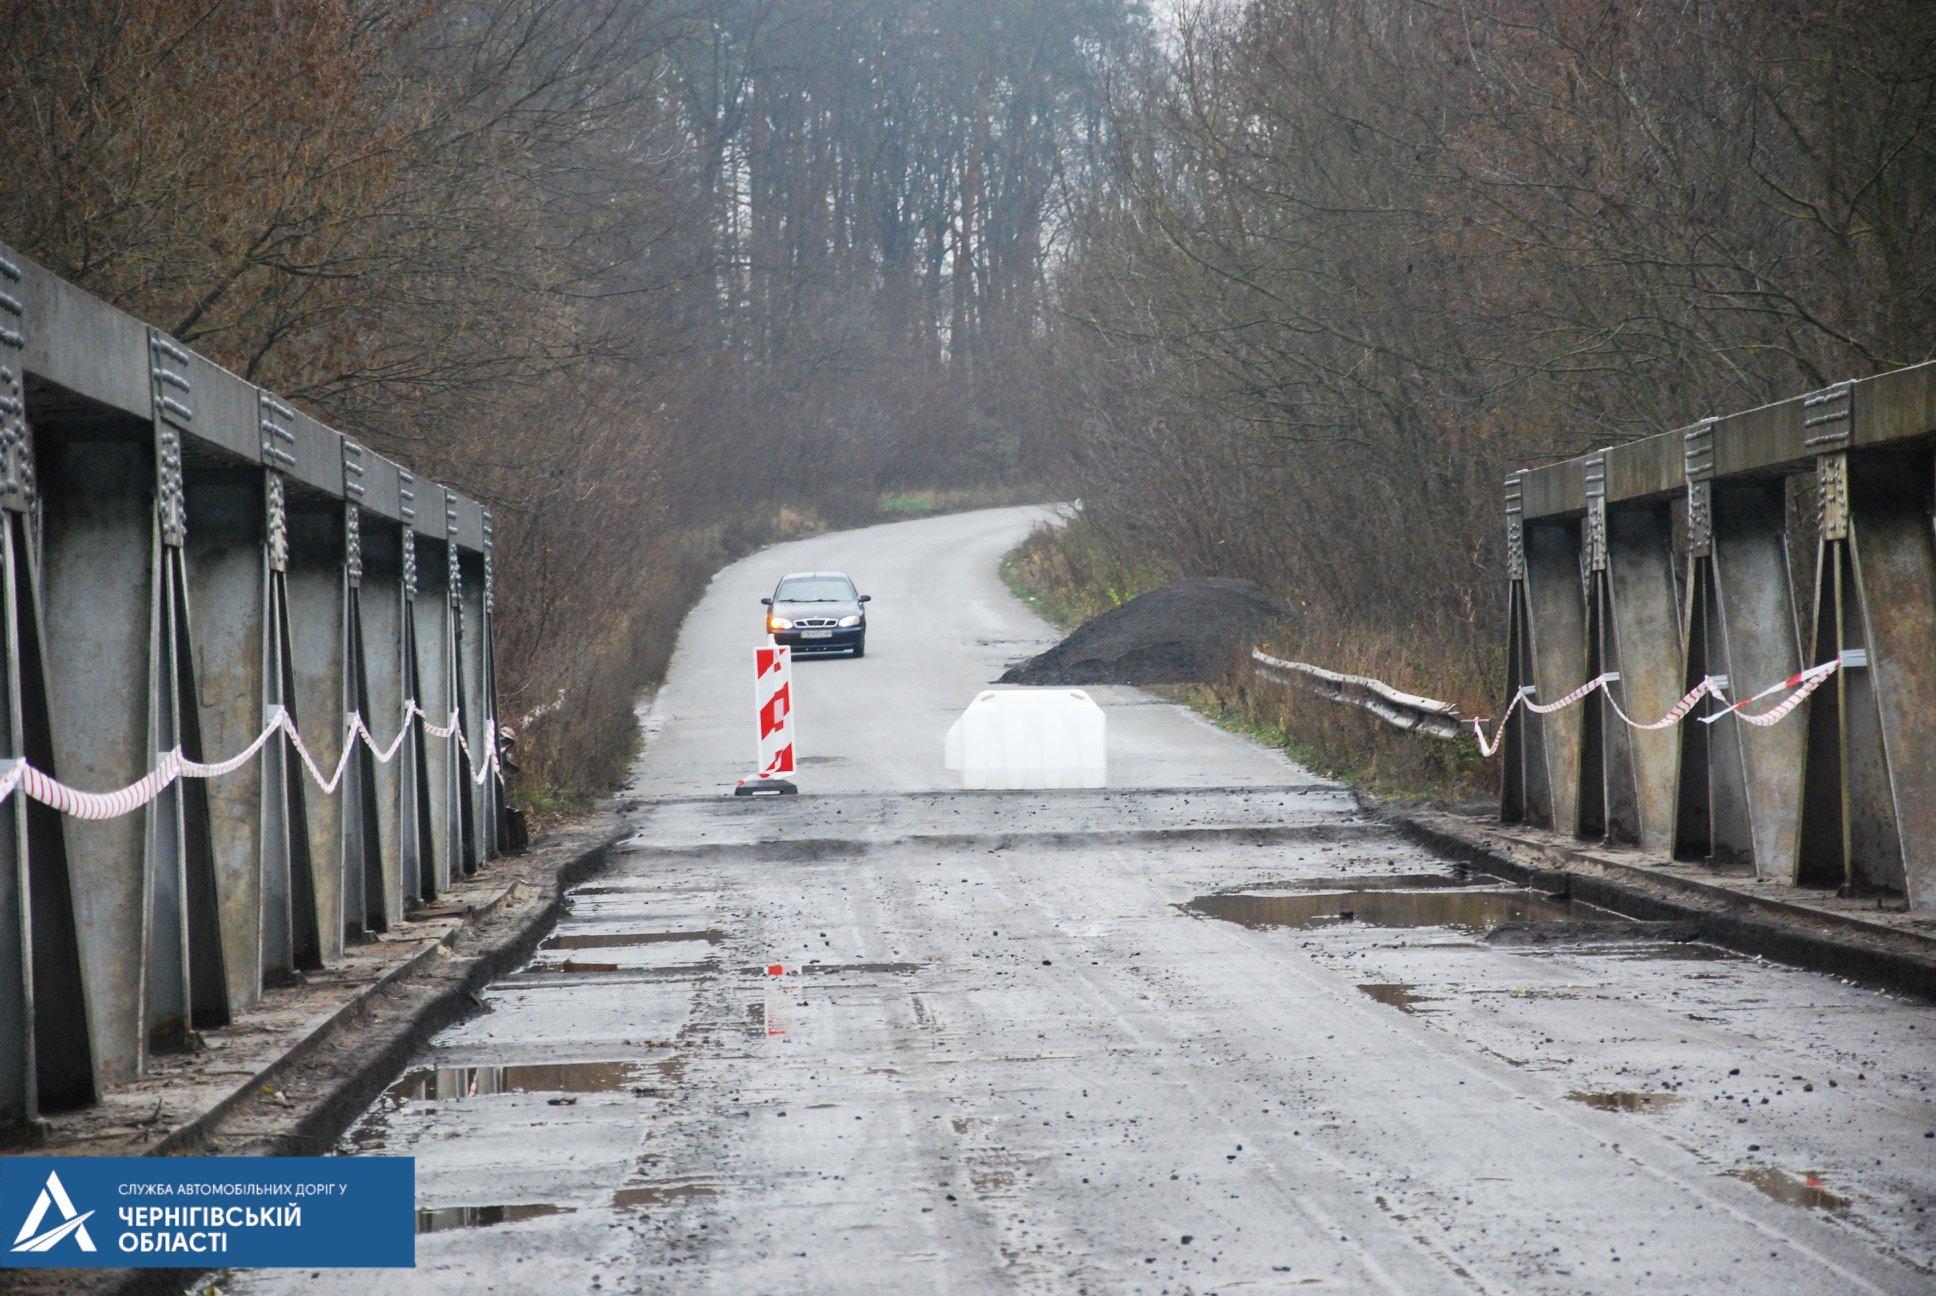 Міст над річкою Білоус біля Масанів закрито на ремонт